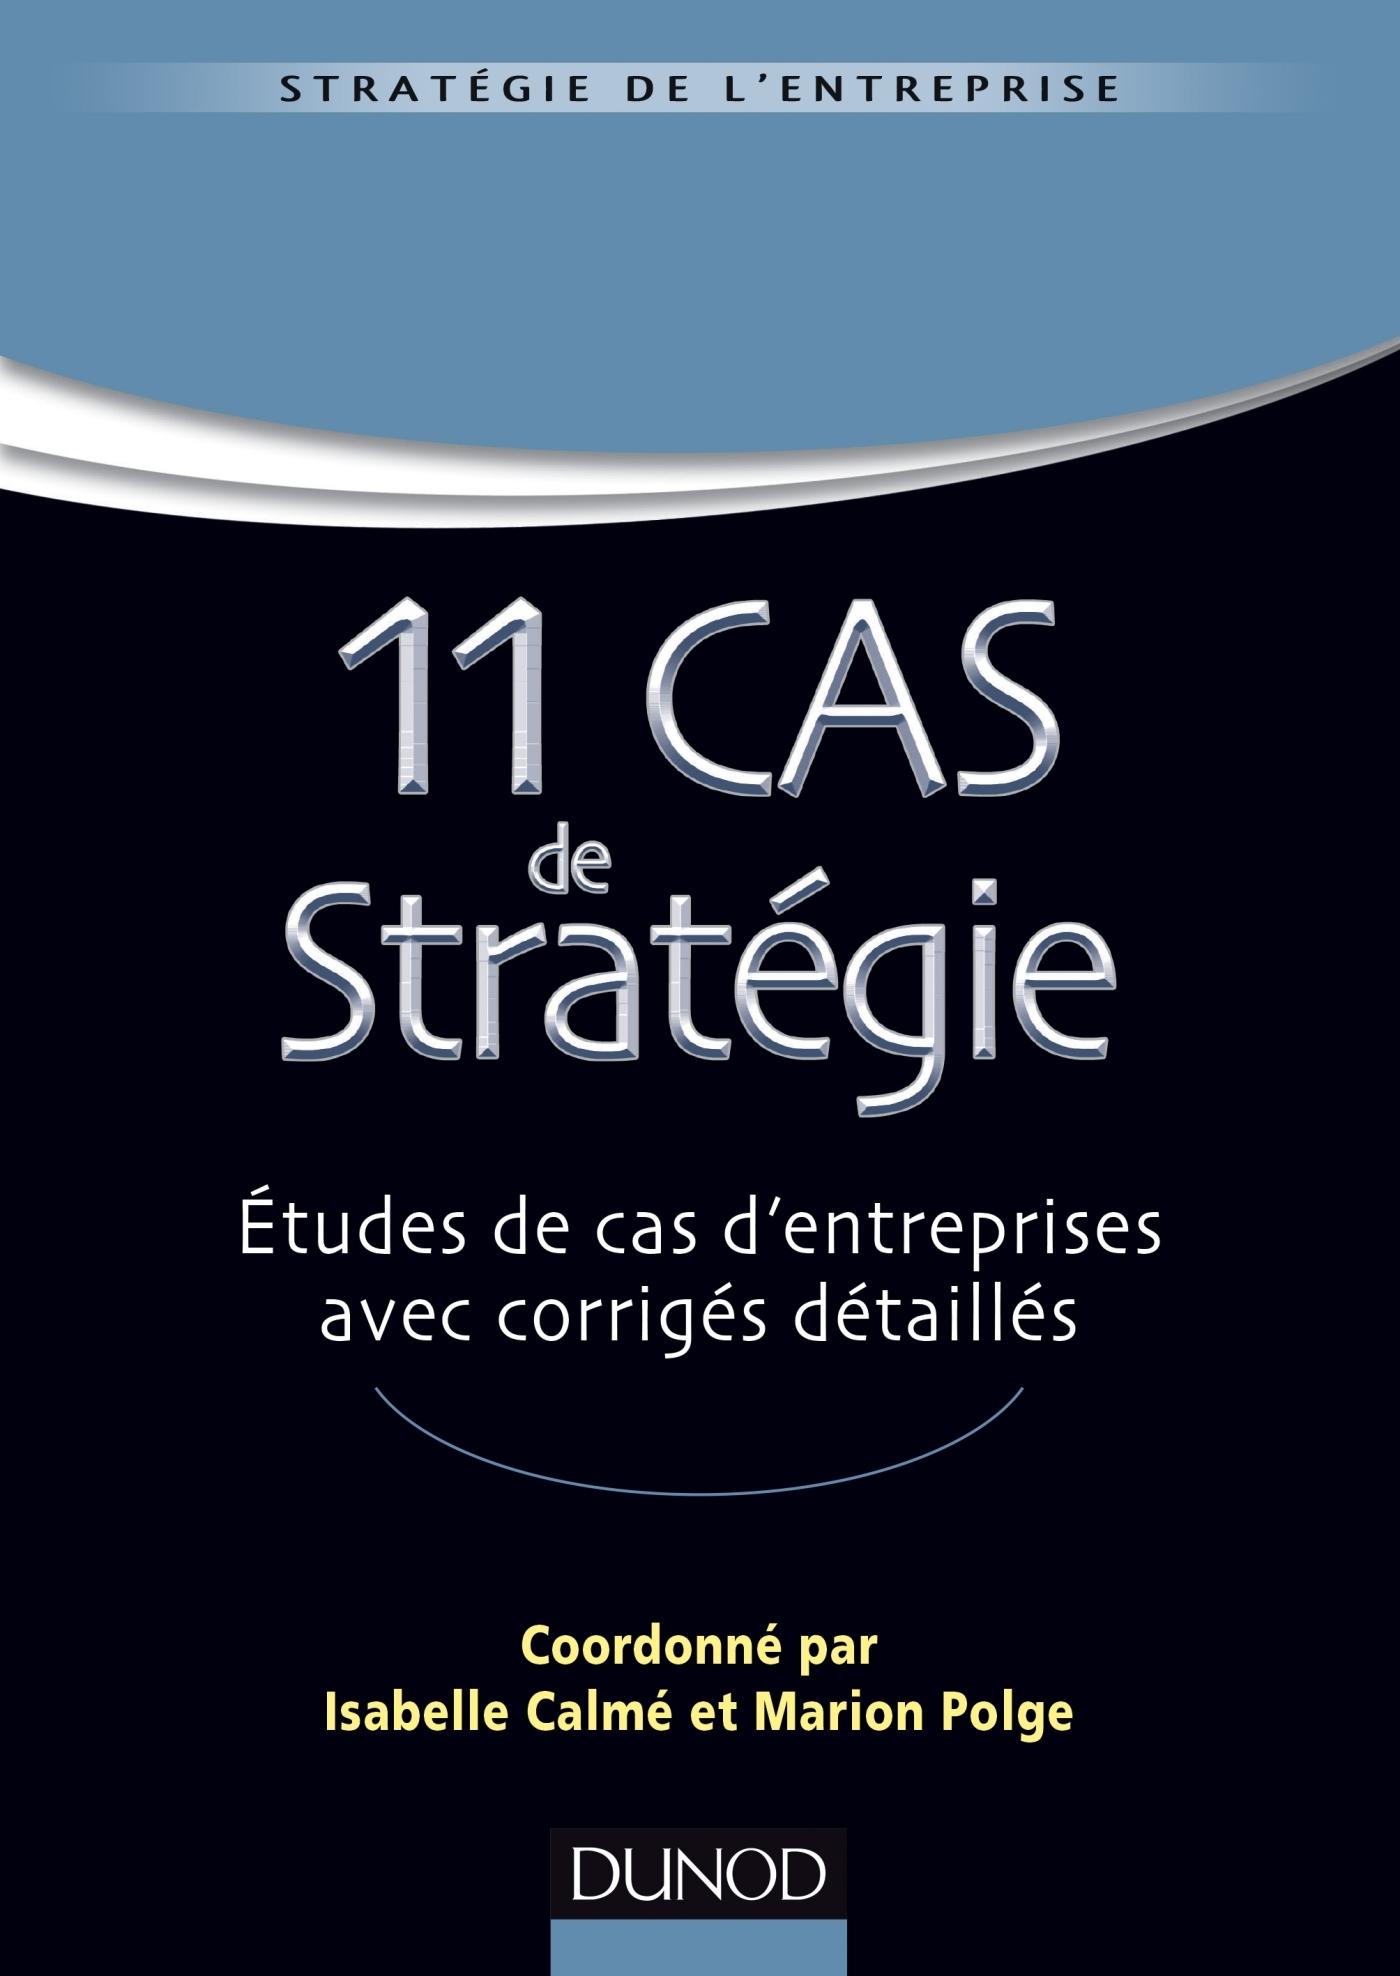 11 CAS DE STRATEGIE - ETUDES DE CAS D'ENTREPRISES AVEC CORRIGES DETAILLES